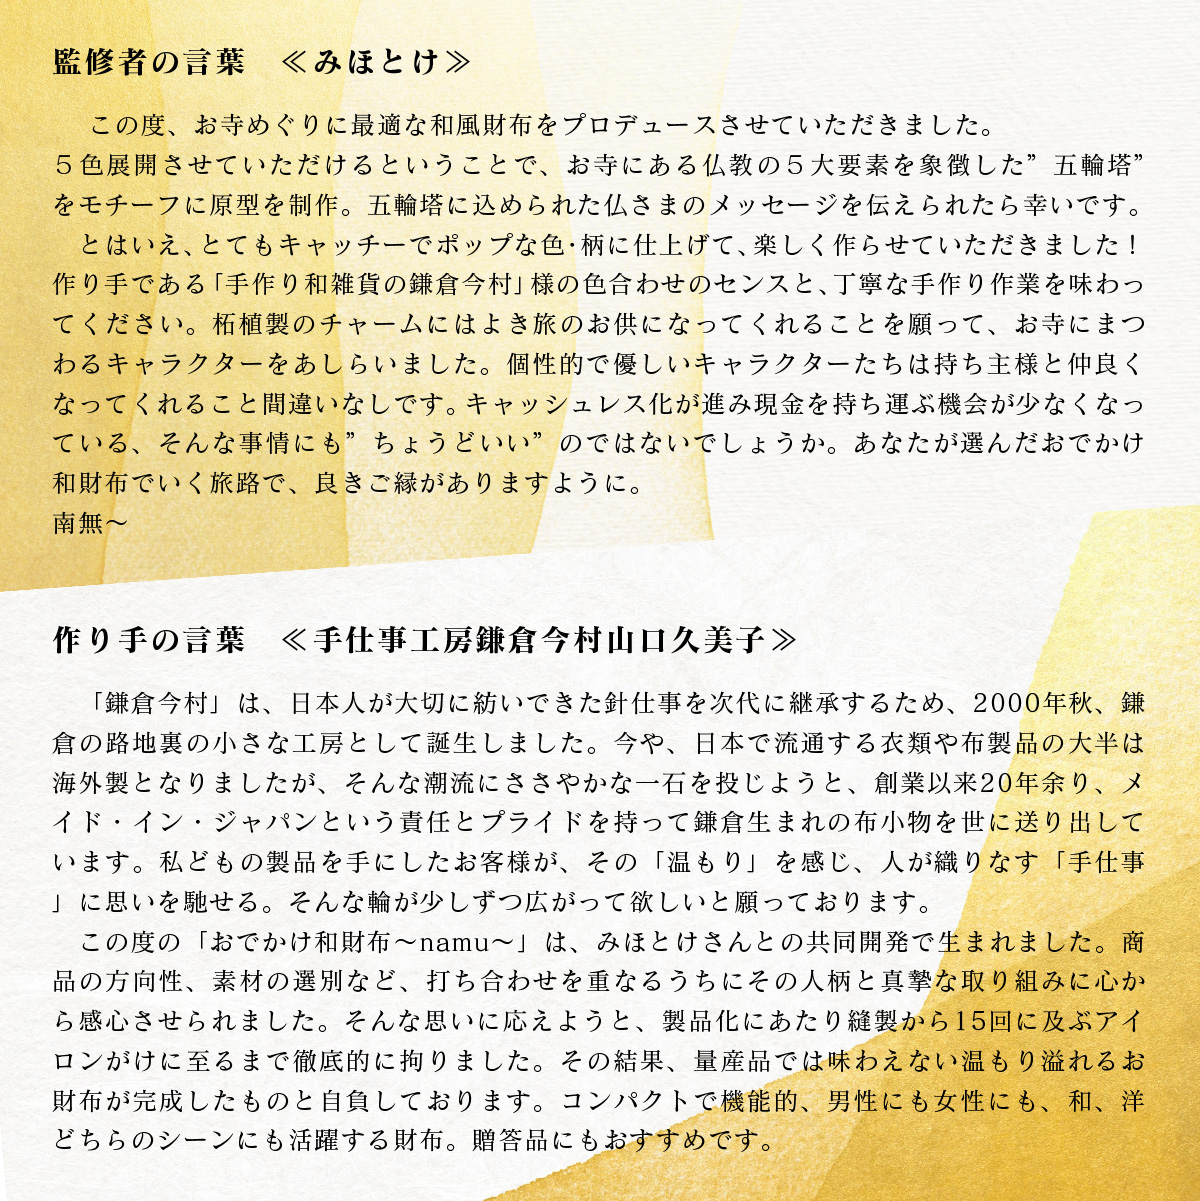 みほとけプロデュース おでかけ和財布〜namu〜『誕生釈迦』 ≫悪しきものを調伏する功徳を表す財布